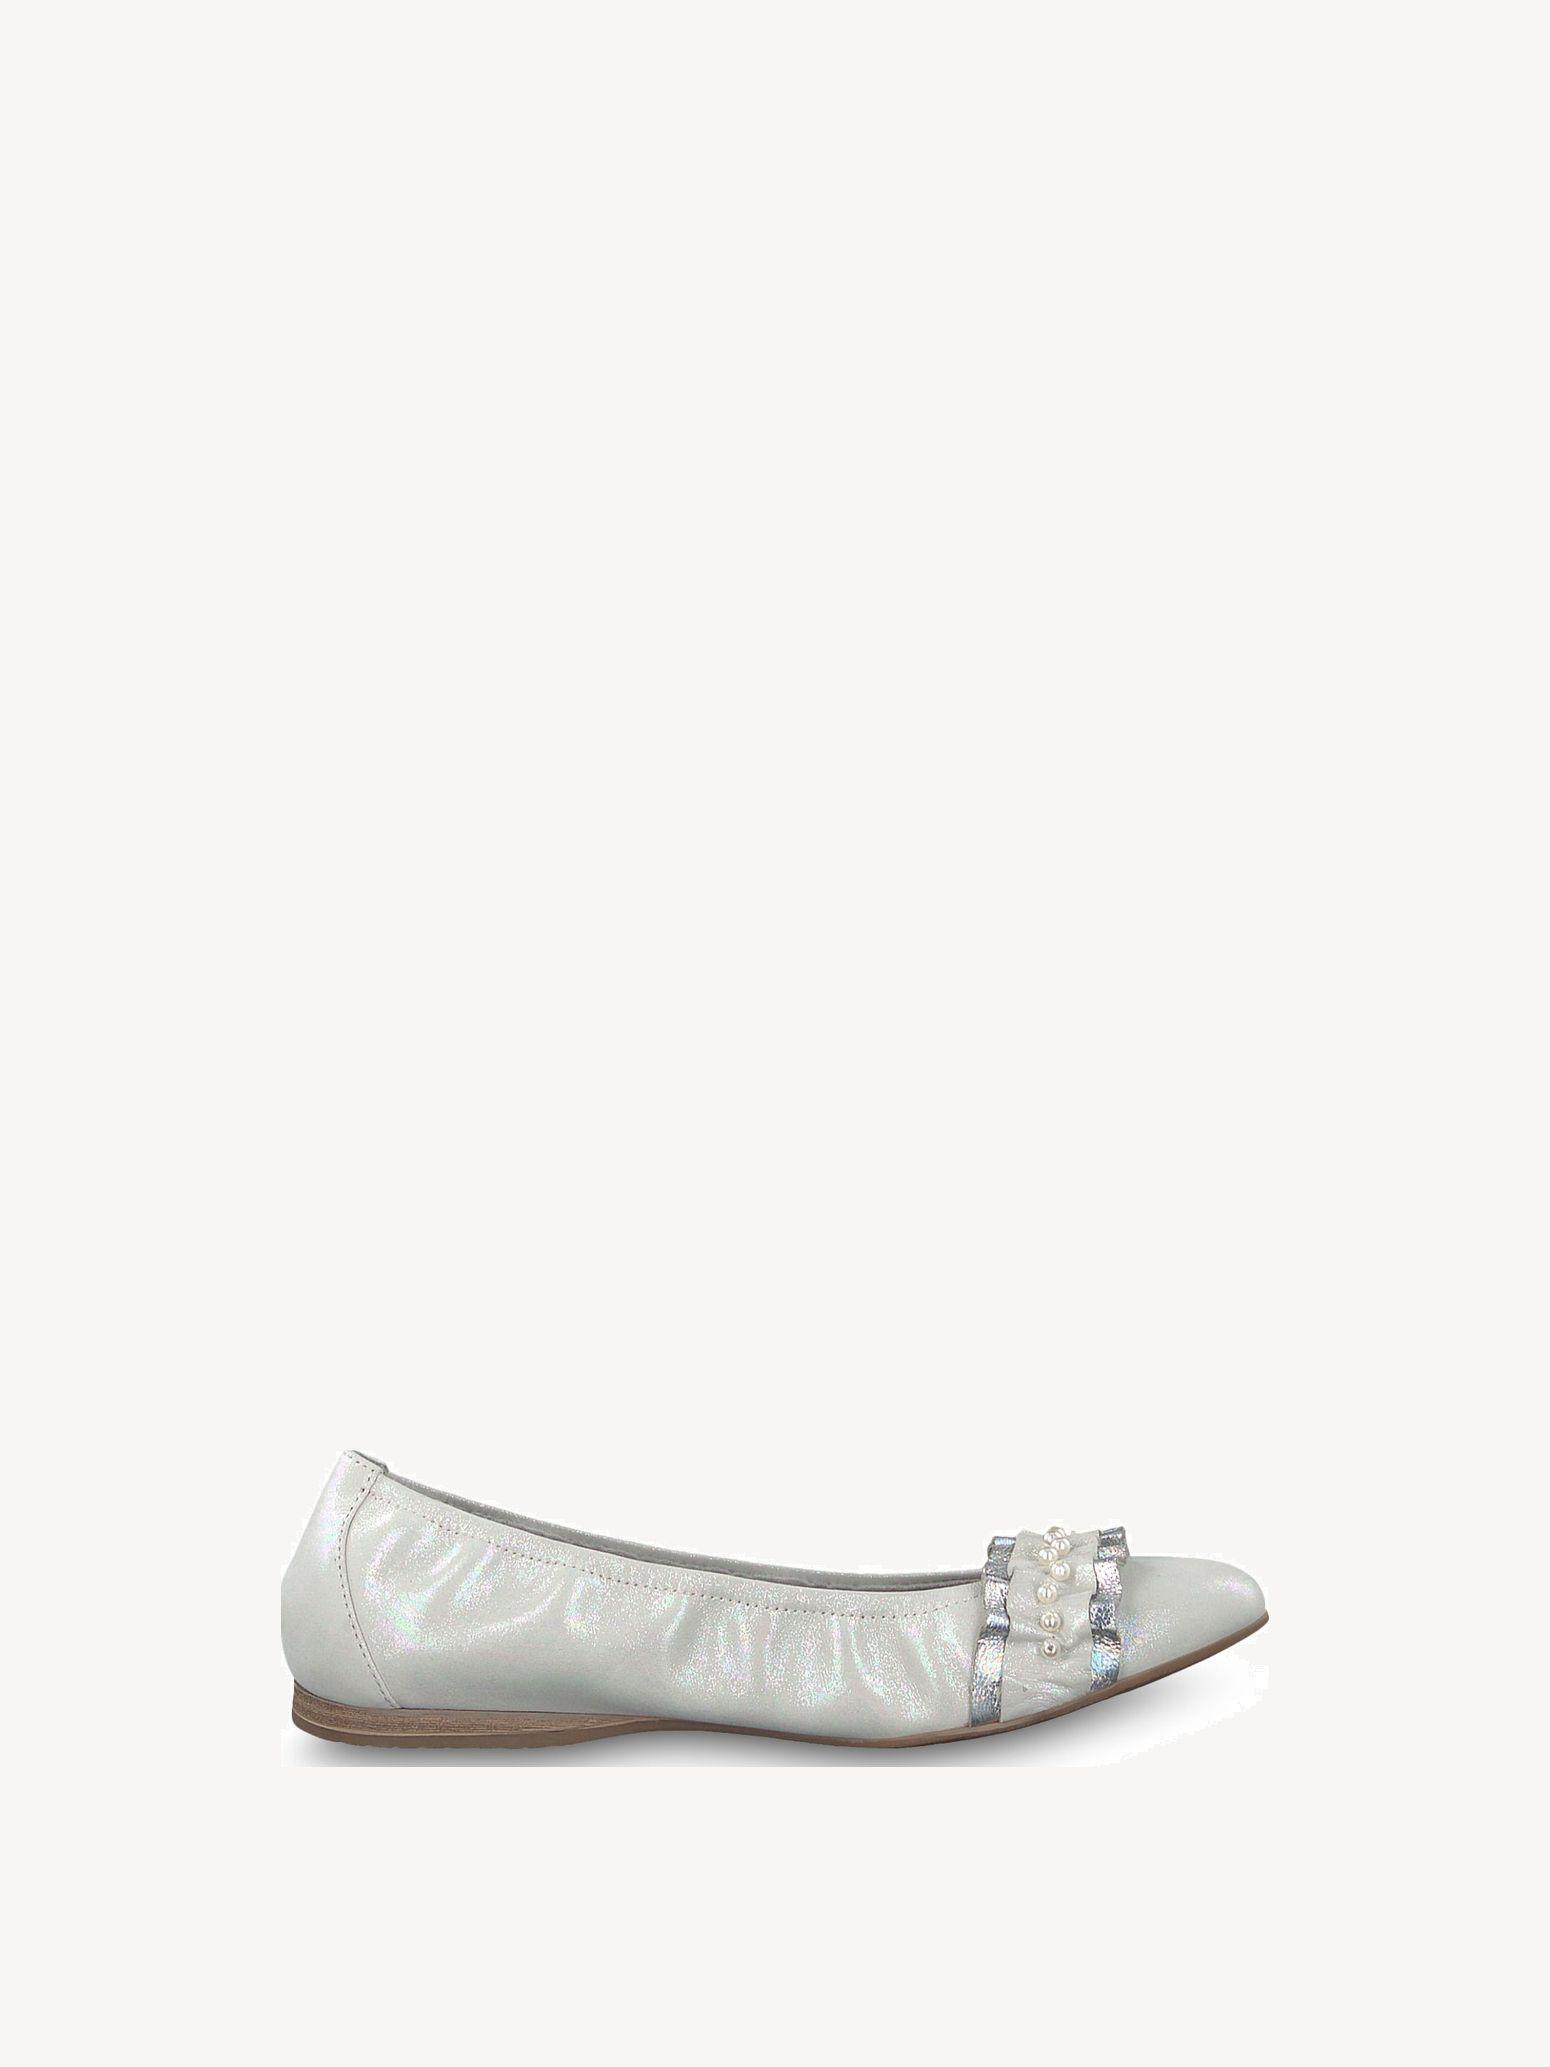 Tamaris Ballerina in Weiss Ballerina weiß , Schuhgröße